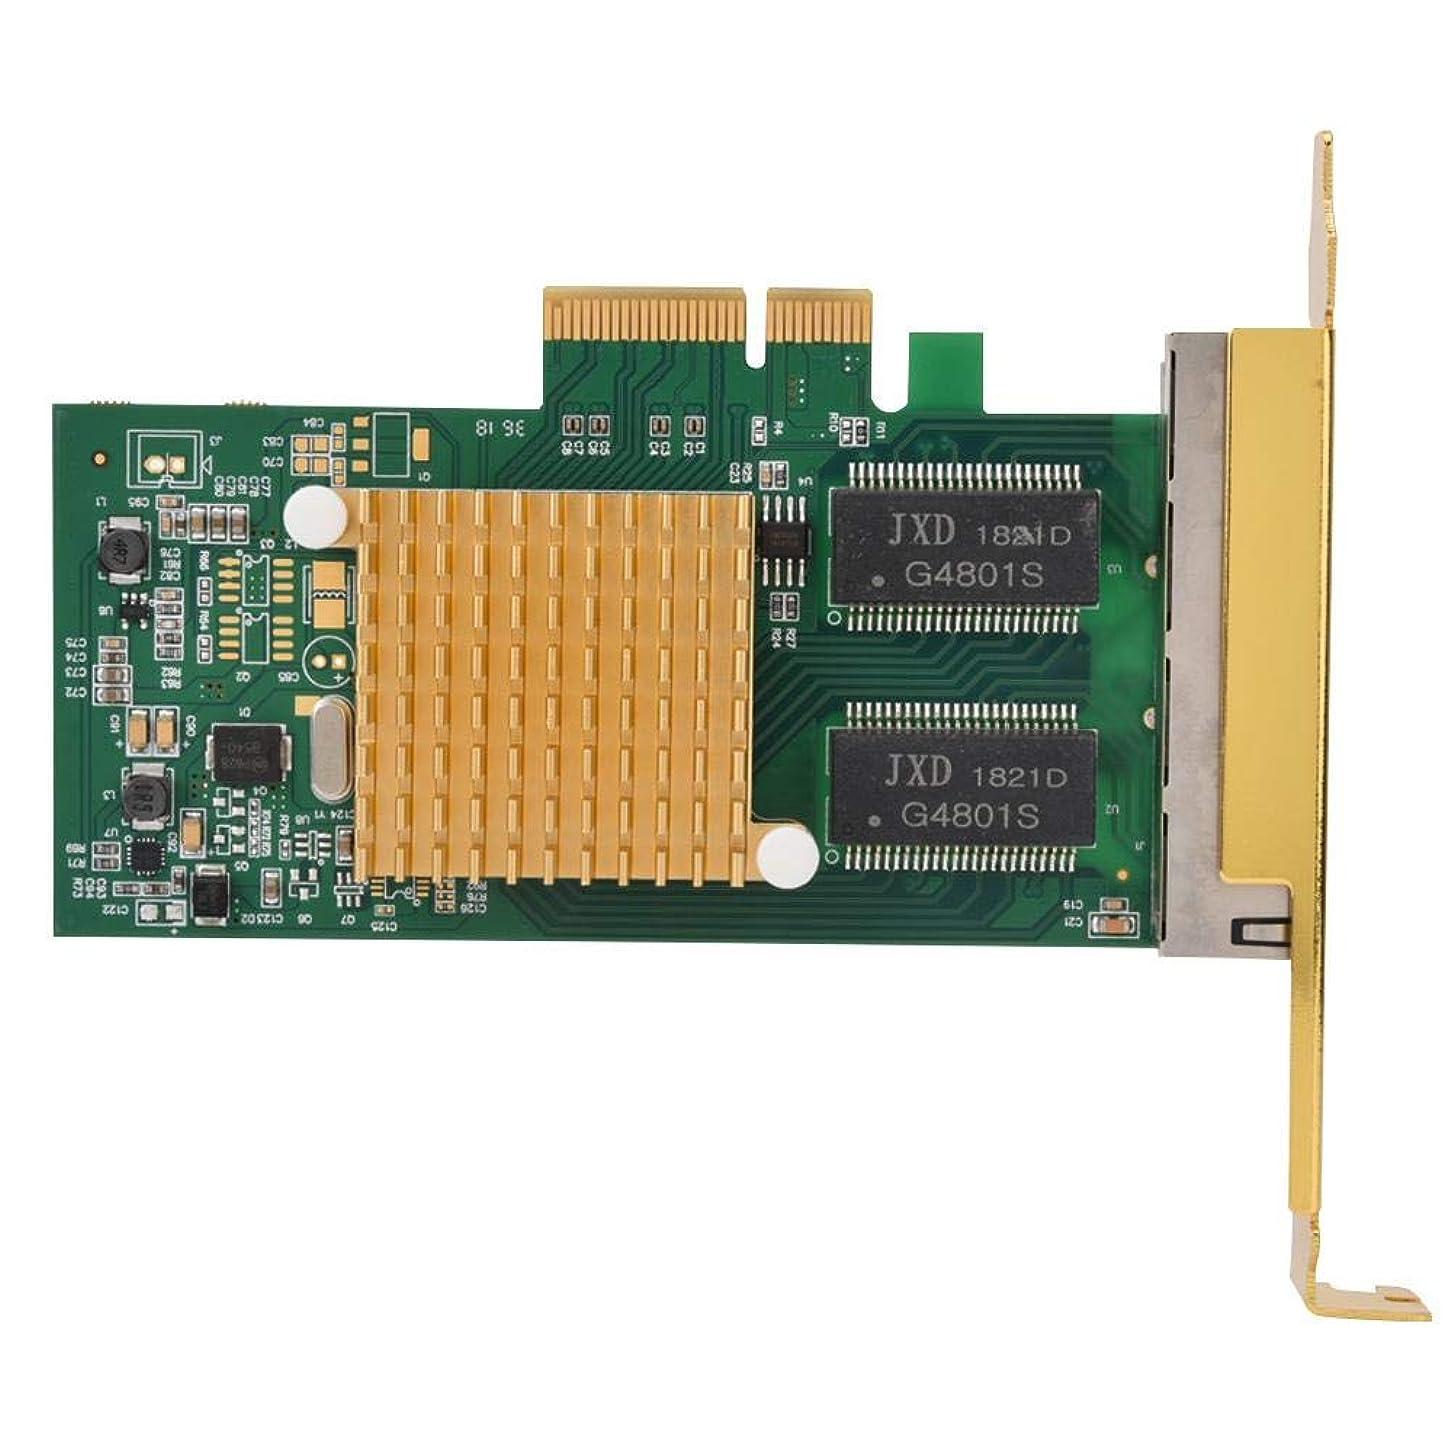 普通のくつろぎプラグRicher-R PCI-Eサーバーイーサネットネットワークカード ネットワークアダプタ 10/100/1000 Mbps 4ポートギガビットネットワークカード